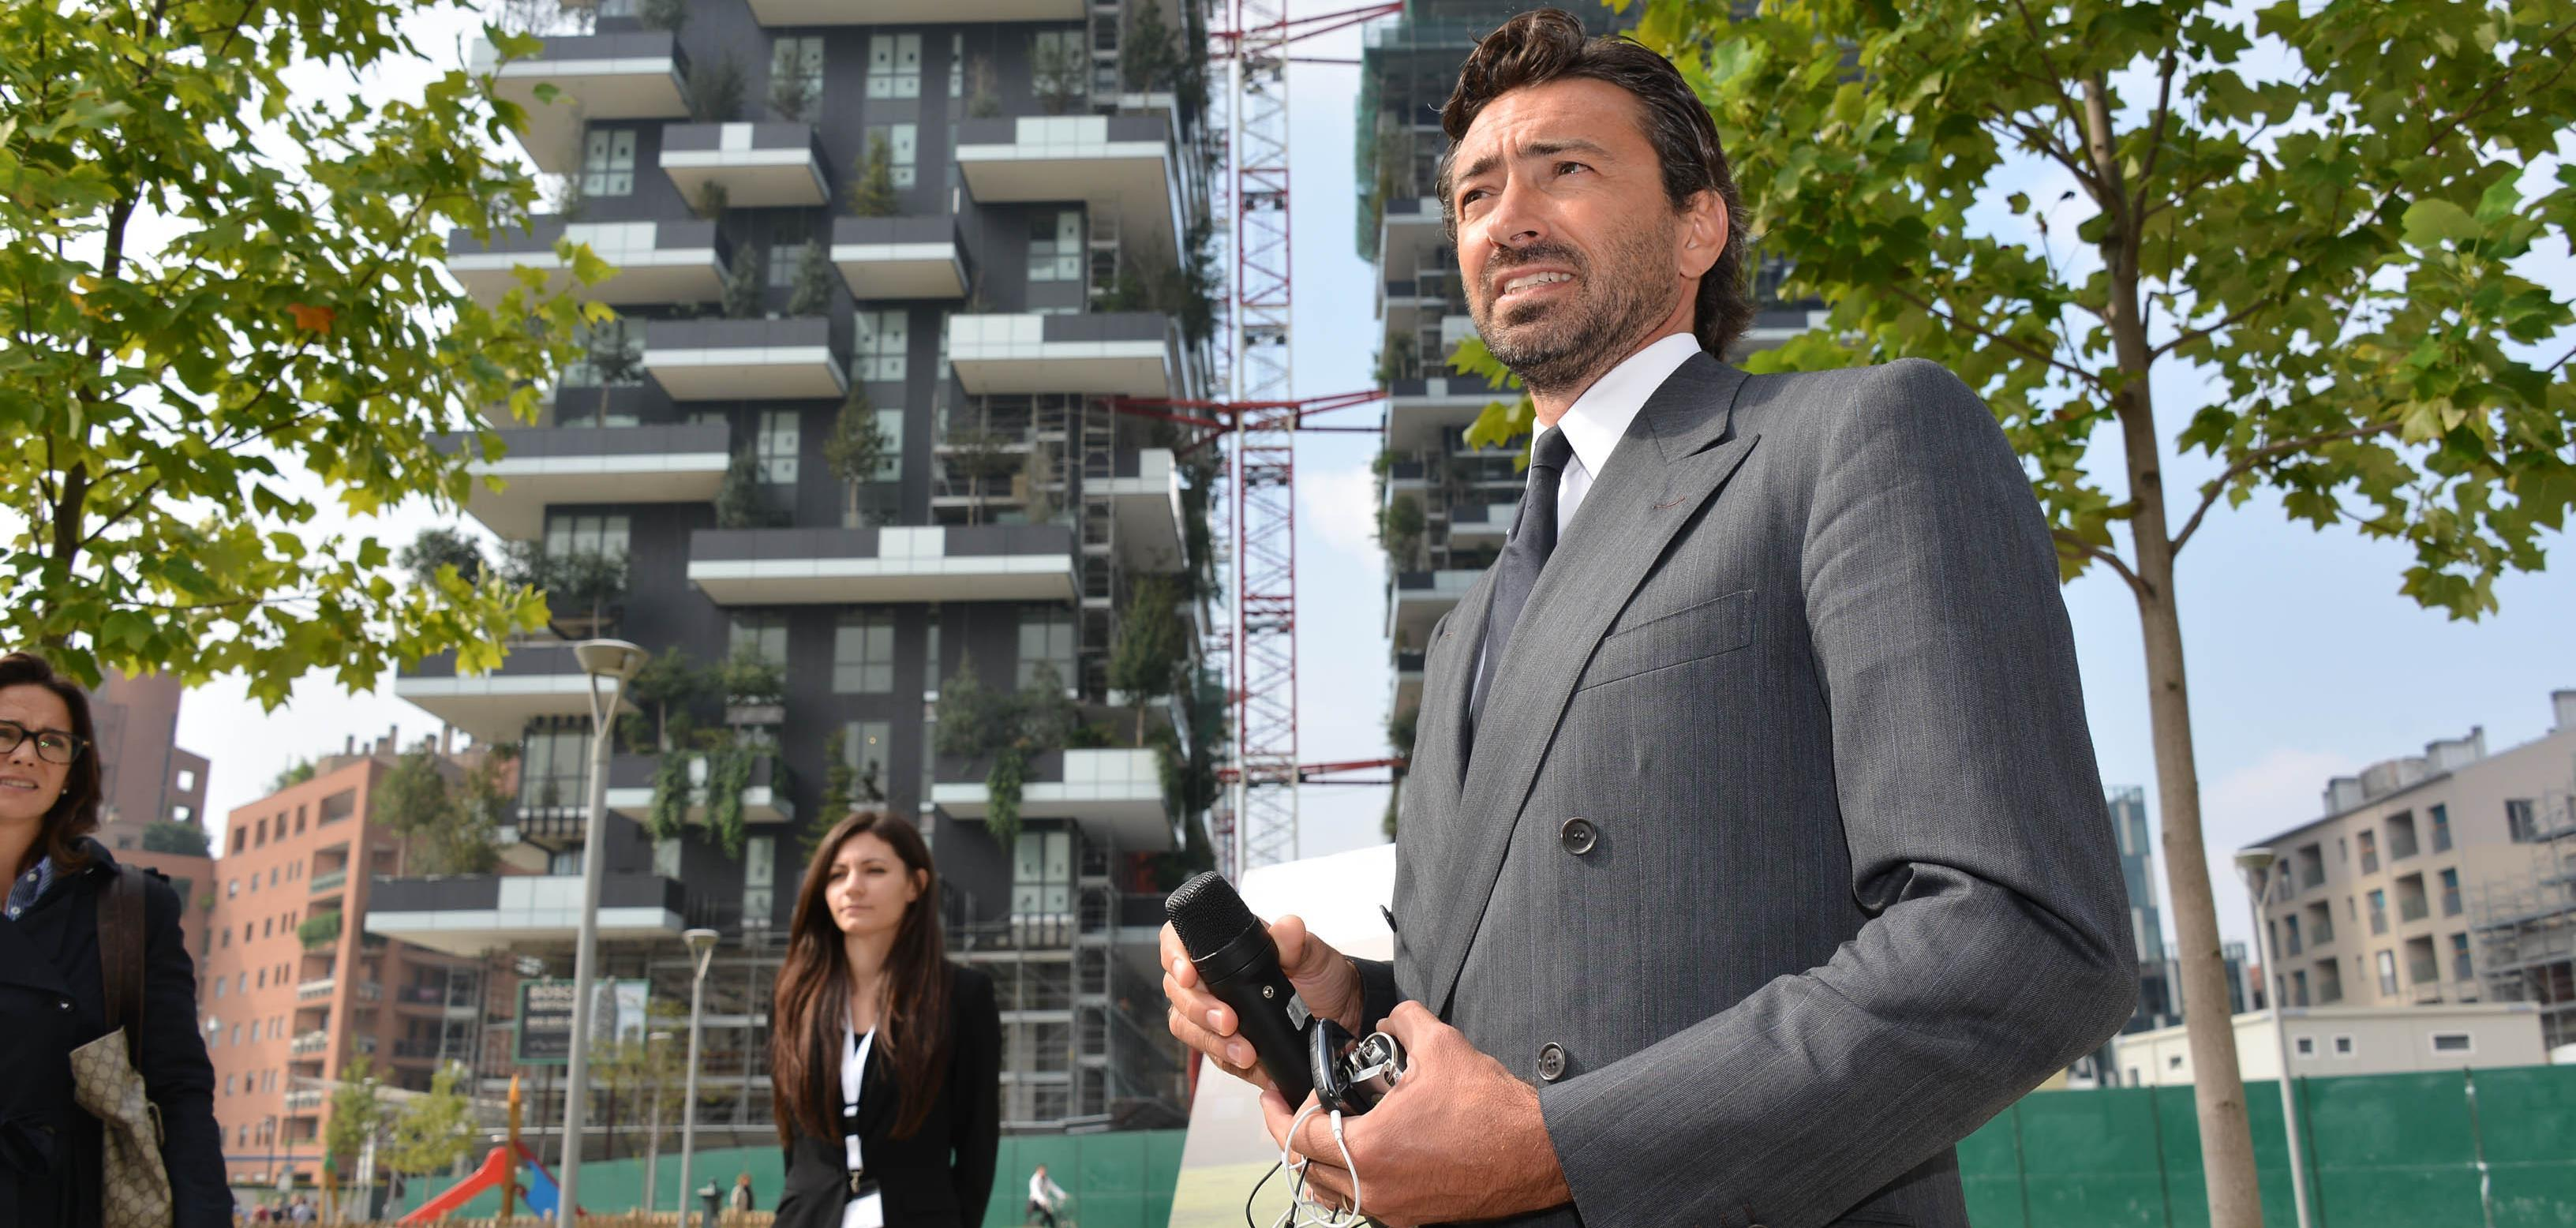 Il miracolo di porta nuova gi vendute sei case su dieci - Residenze di porta nuova ...